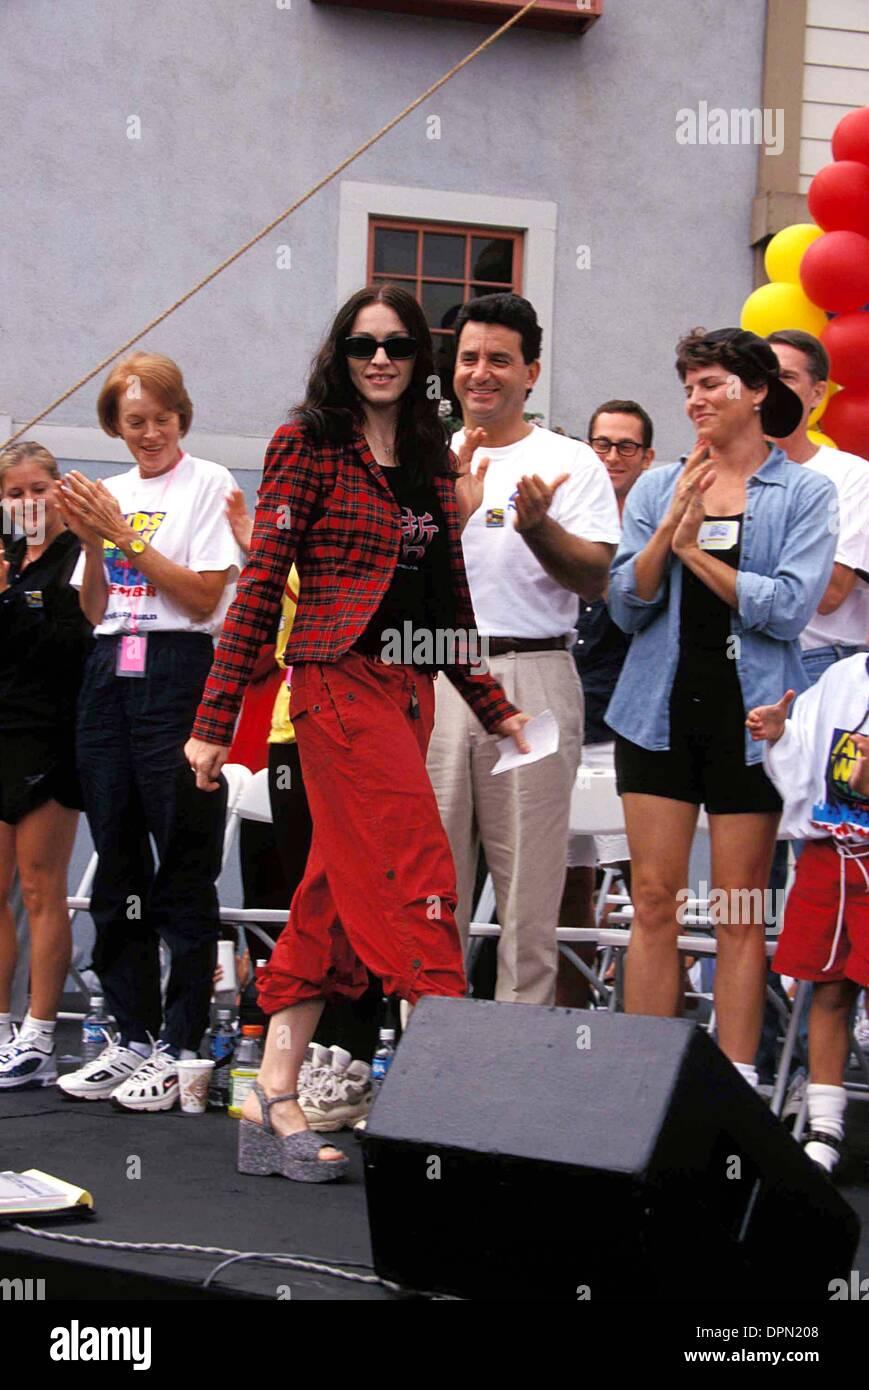 15 mai 2006 - MADONNA À A.P.L.A. Sida À PIED À HOLLYWOOD , Californie 09-27-1998.K13455LR. LISA ROSE-(Image Crédit: © Globe Photos/ZUMAPRESS.com) Photo Stock